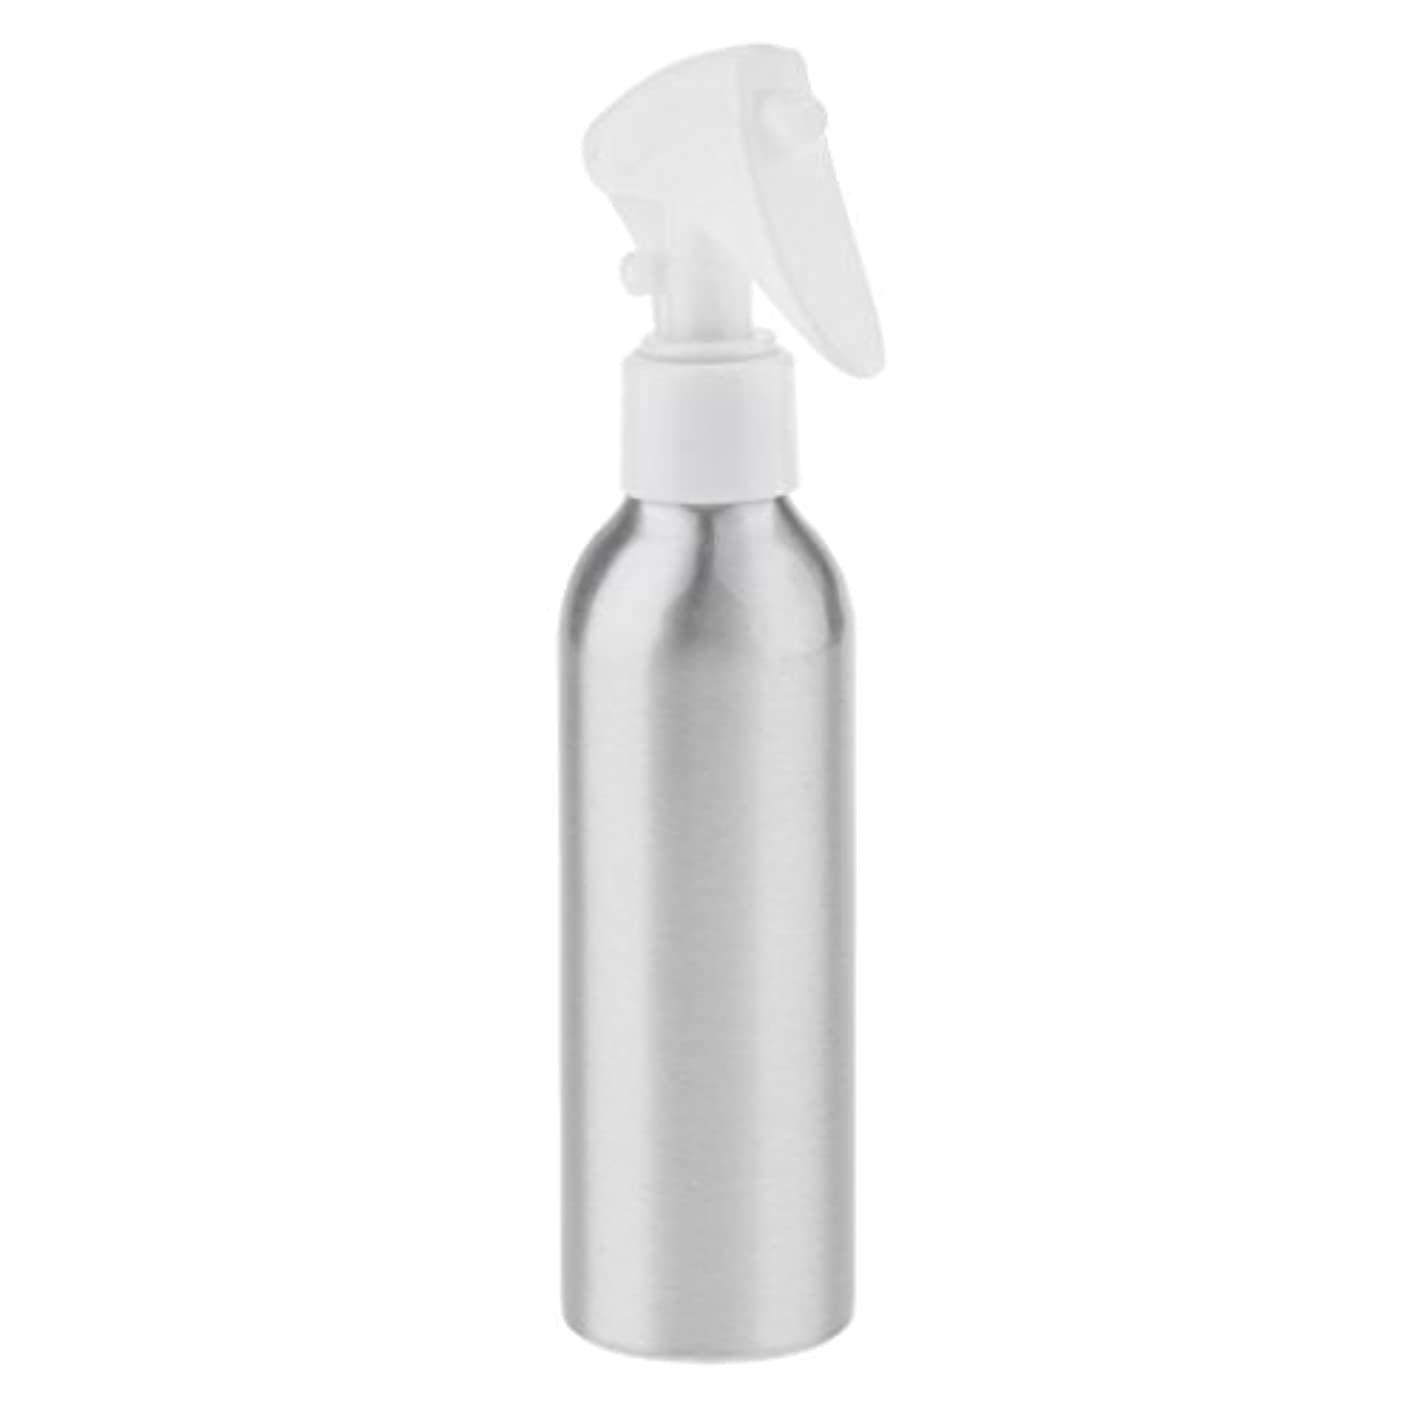 雪の愛人あいさつスプレーボトル 空ボトル 水スプレー スプレー ポンプボトル 噴霧器 家庭用 プロのサロン 多機能 6サイズ選択 - 150ML